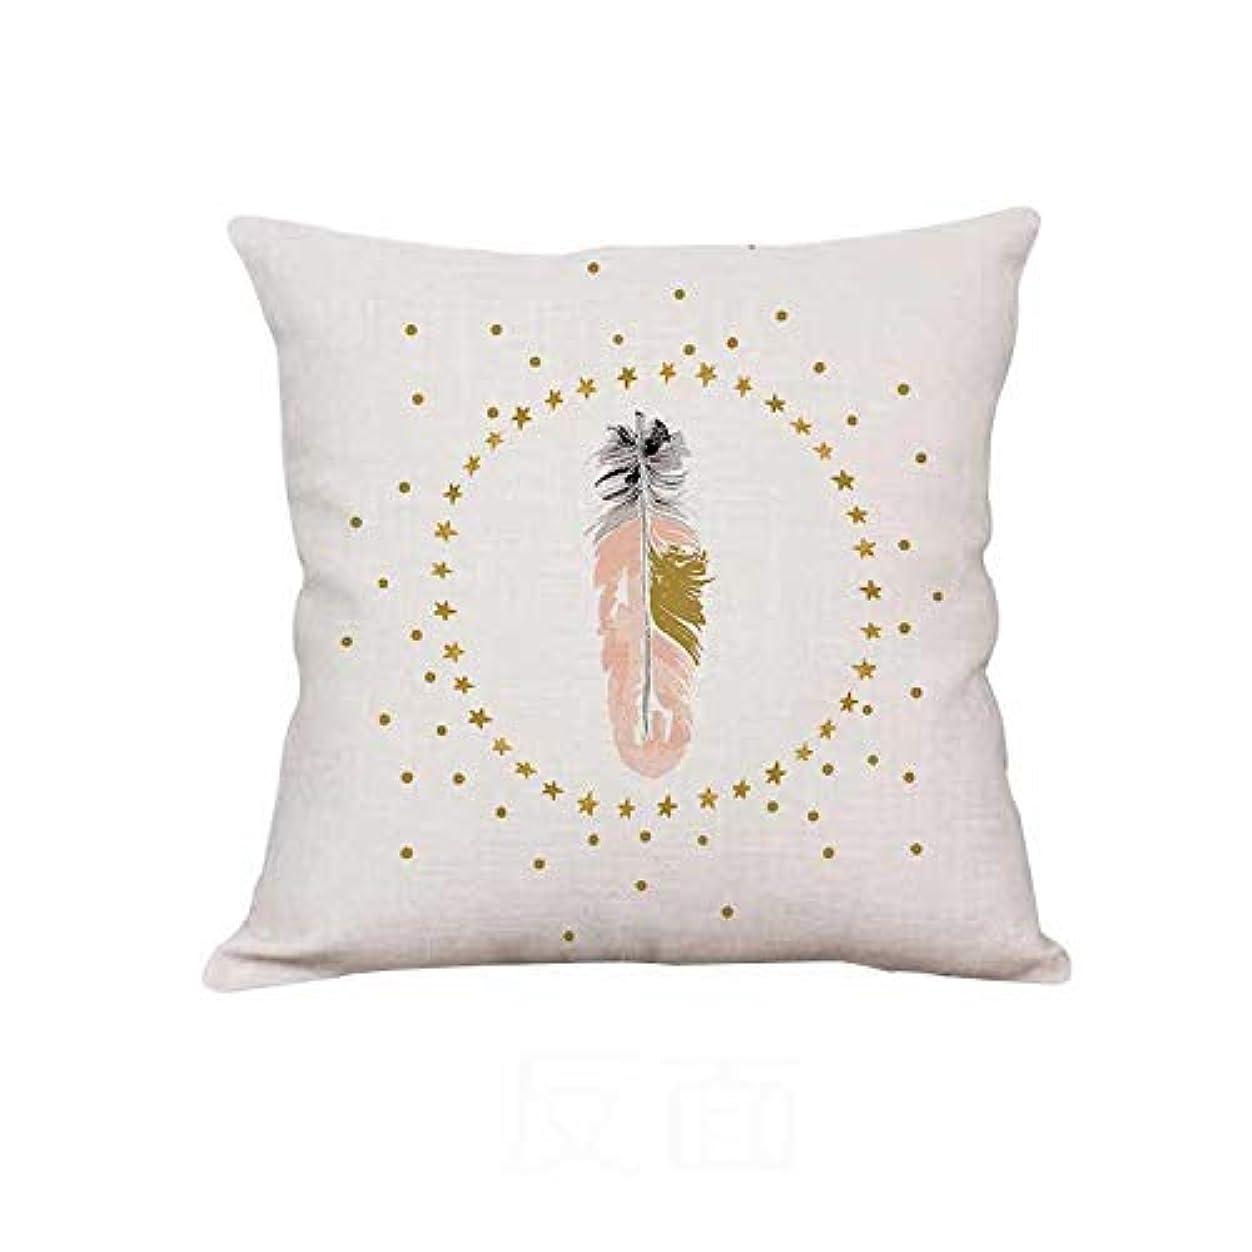 過剰チョーク全体LIFE 新しいぬいぐるみピンクフラミンゴクッションガチョウの羽風船幾何北欧家の装飾ソファスロー枕用女の子ルーム装飾 クッション 椅子